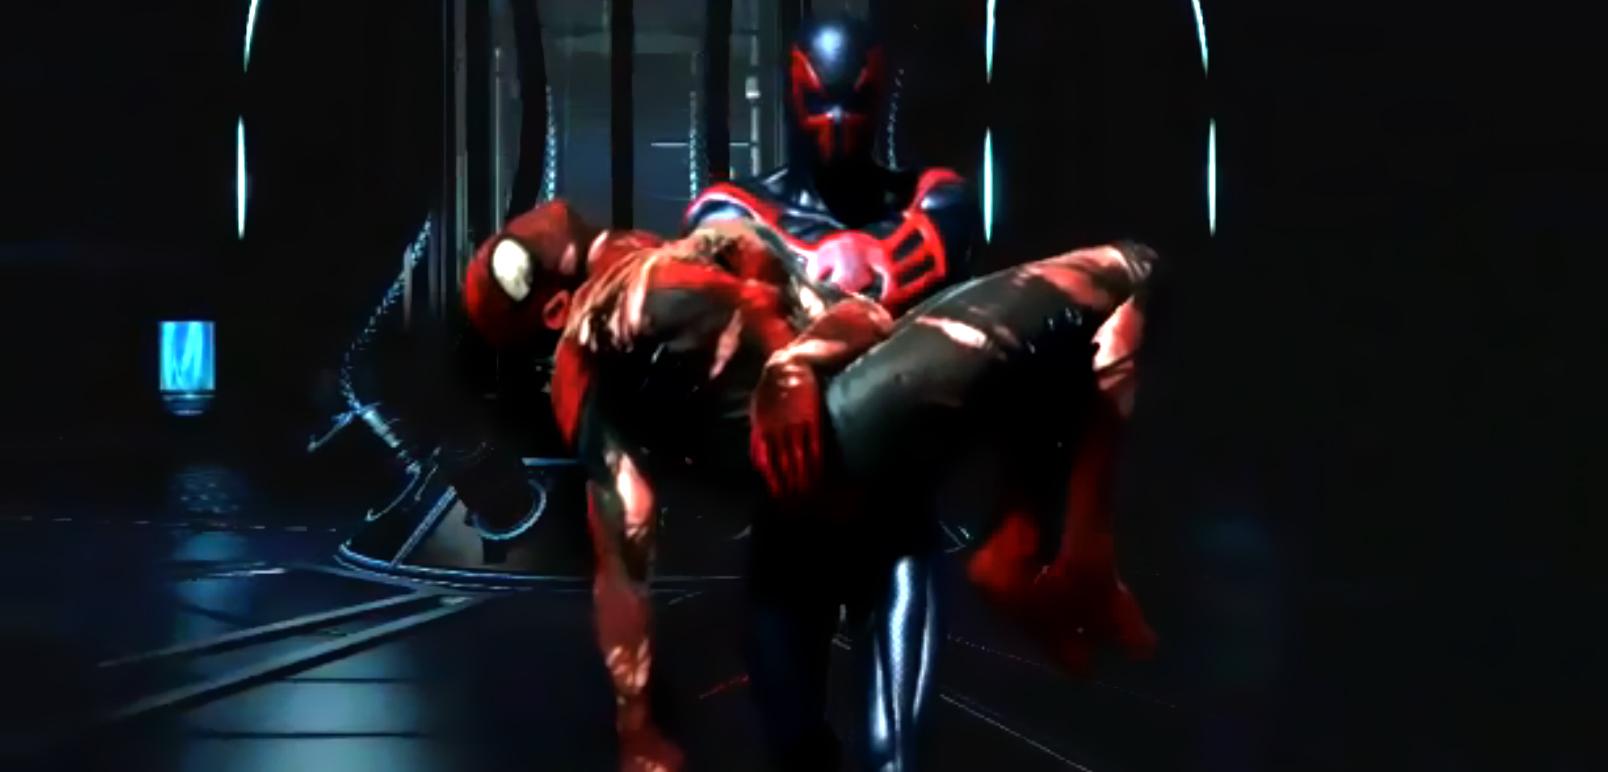 Dessins En Couleurs à Imprimer Spiderman Numéro 22321: Dessins En Couleurs à Imprimer : Spiderman, Numéro : 178956